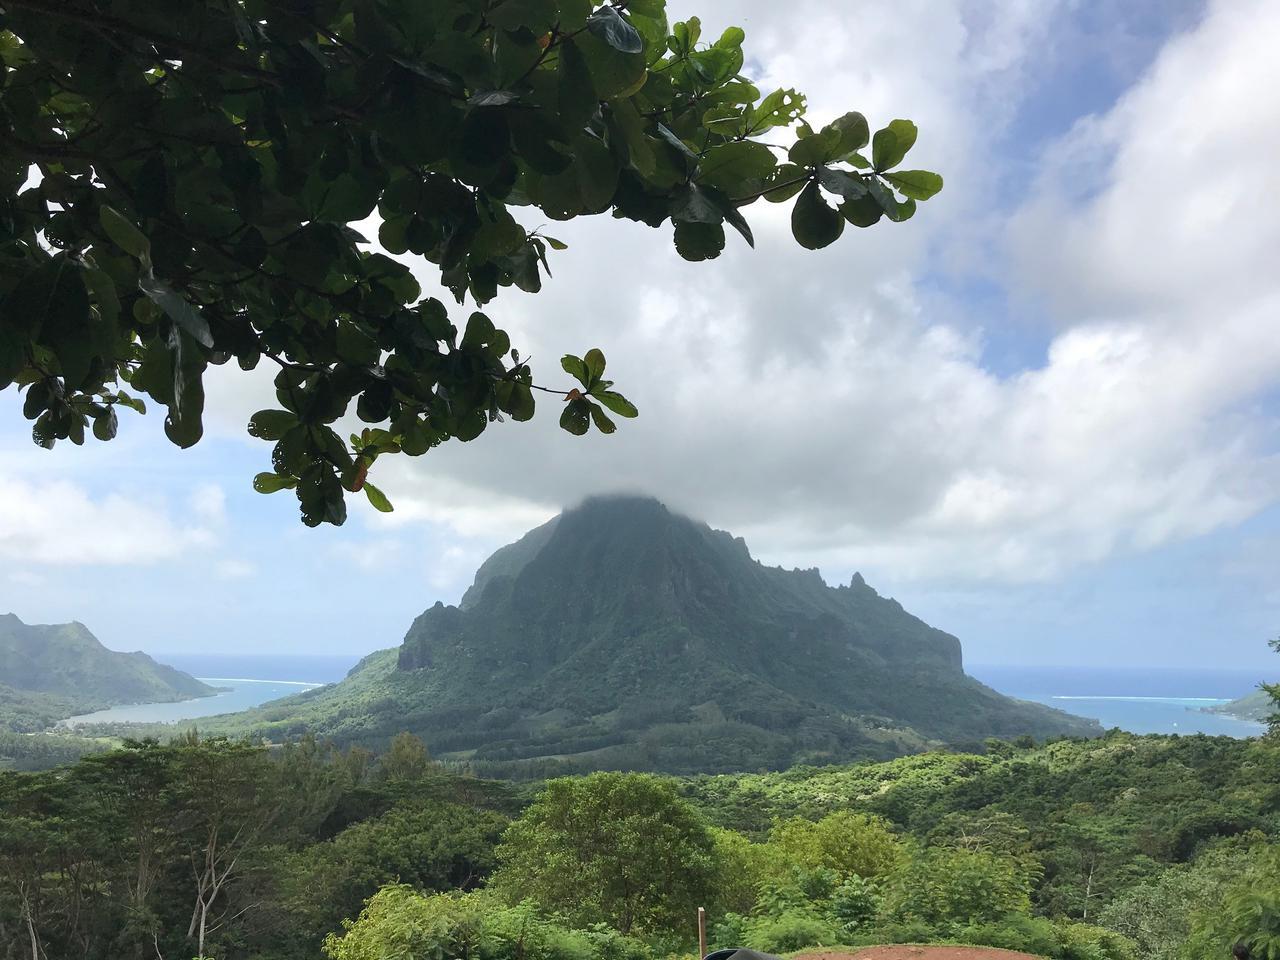 画像: ロツイ山(イメージ:田邊撮影)